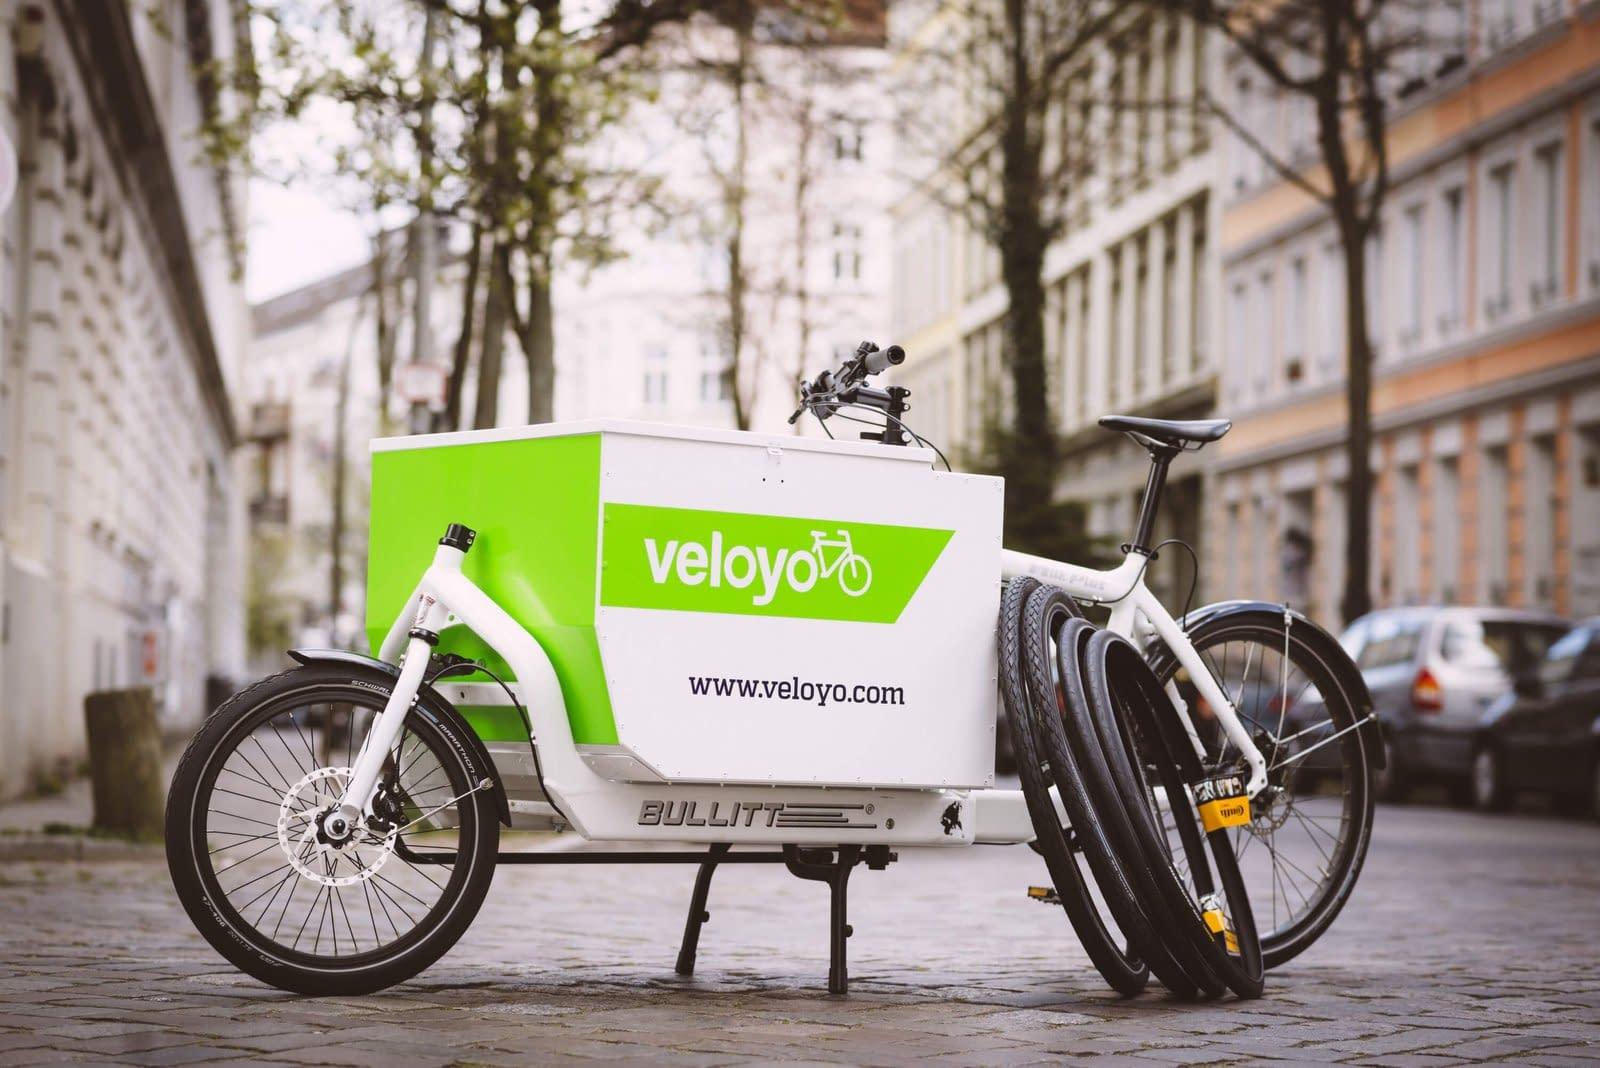 businessfotograf-hamburg-pressefotos-public-relations-pr-unternehmensfotografie-startup-gruender-fahrrad-veloyo-16